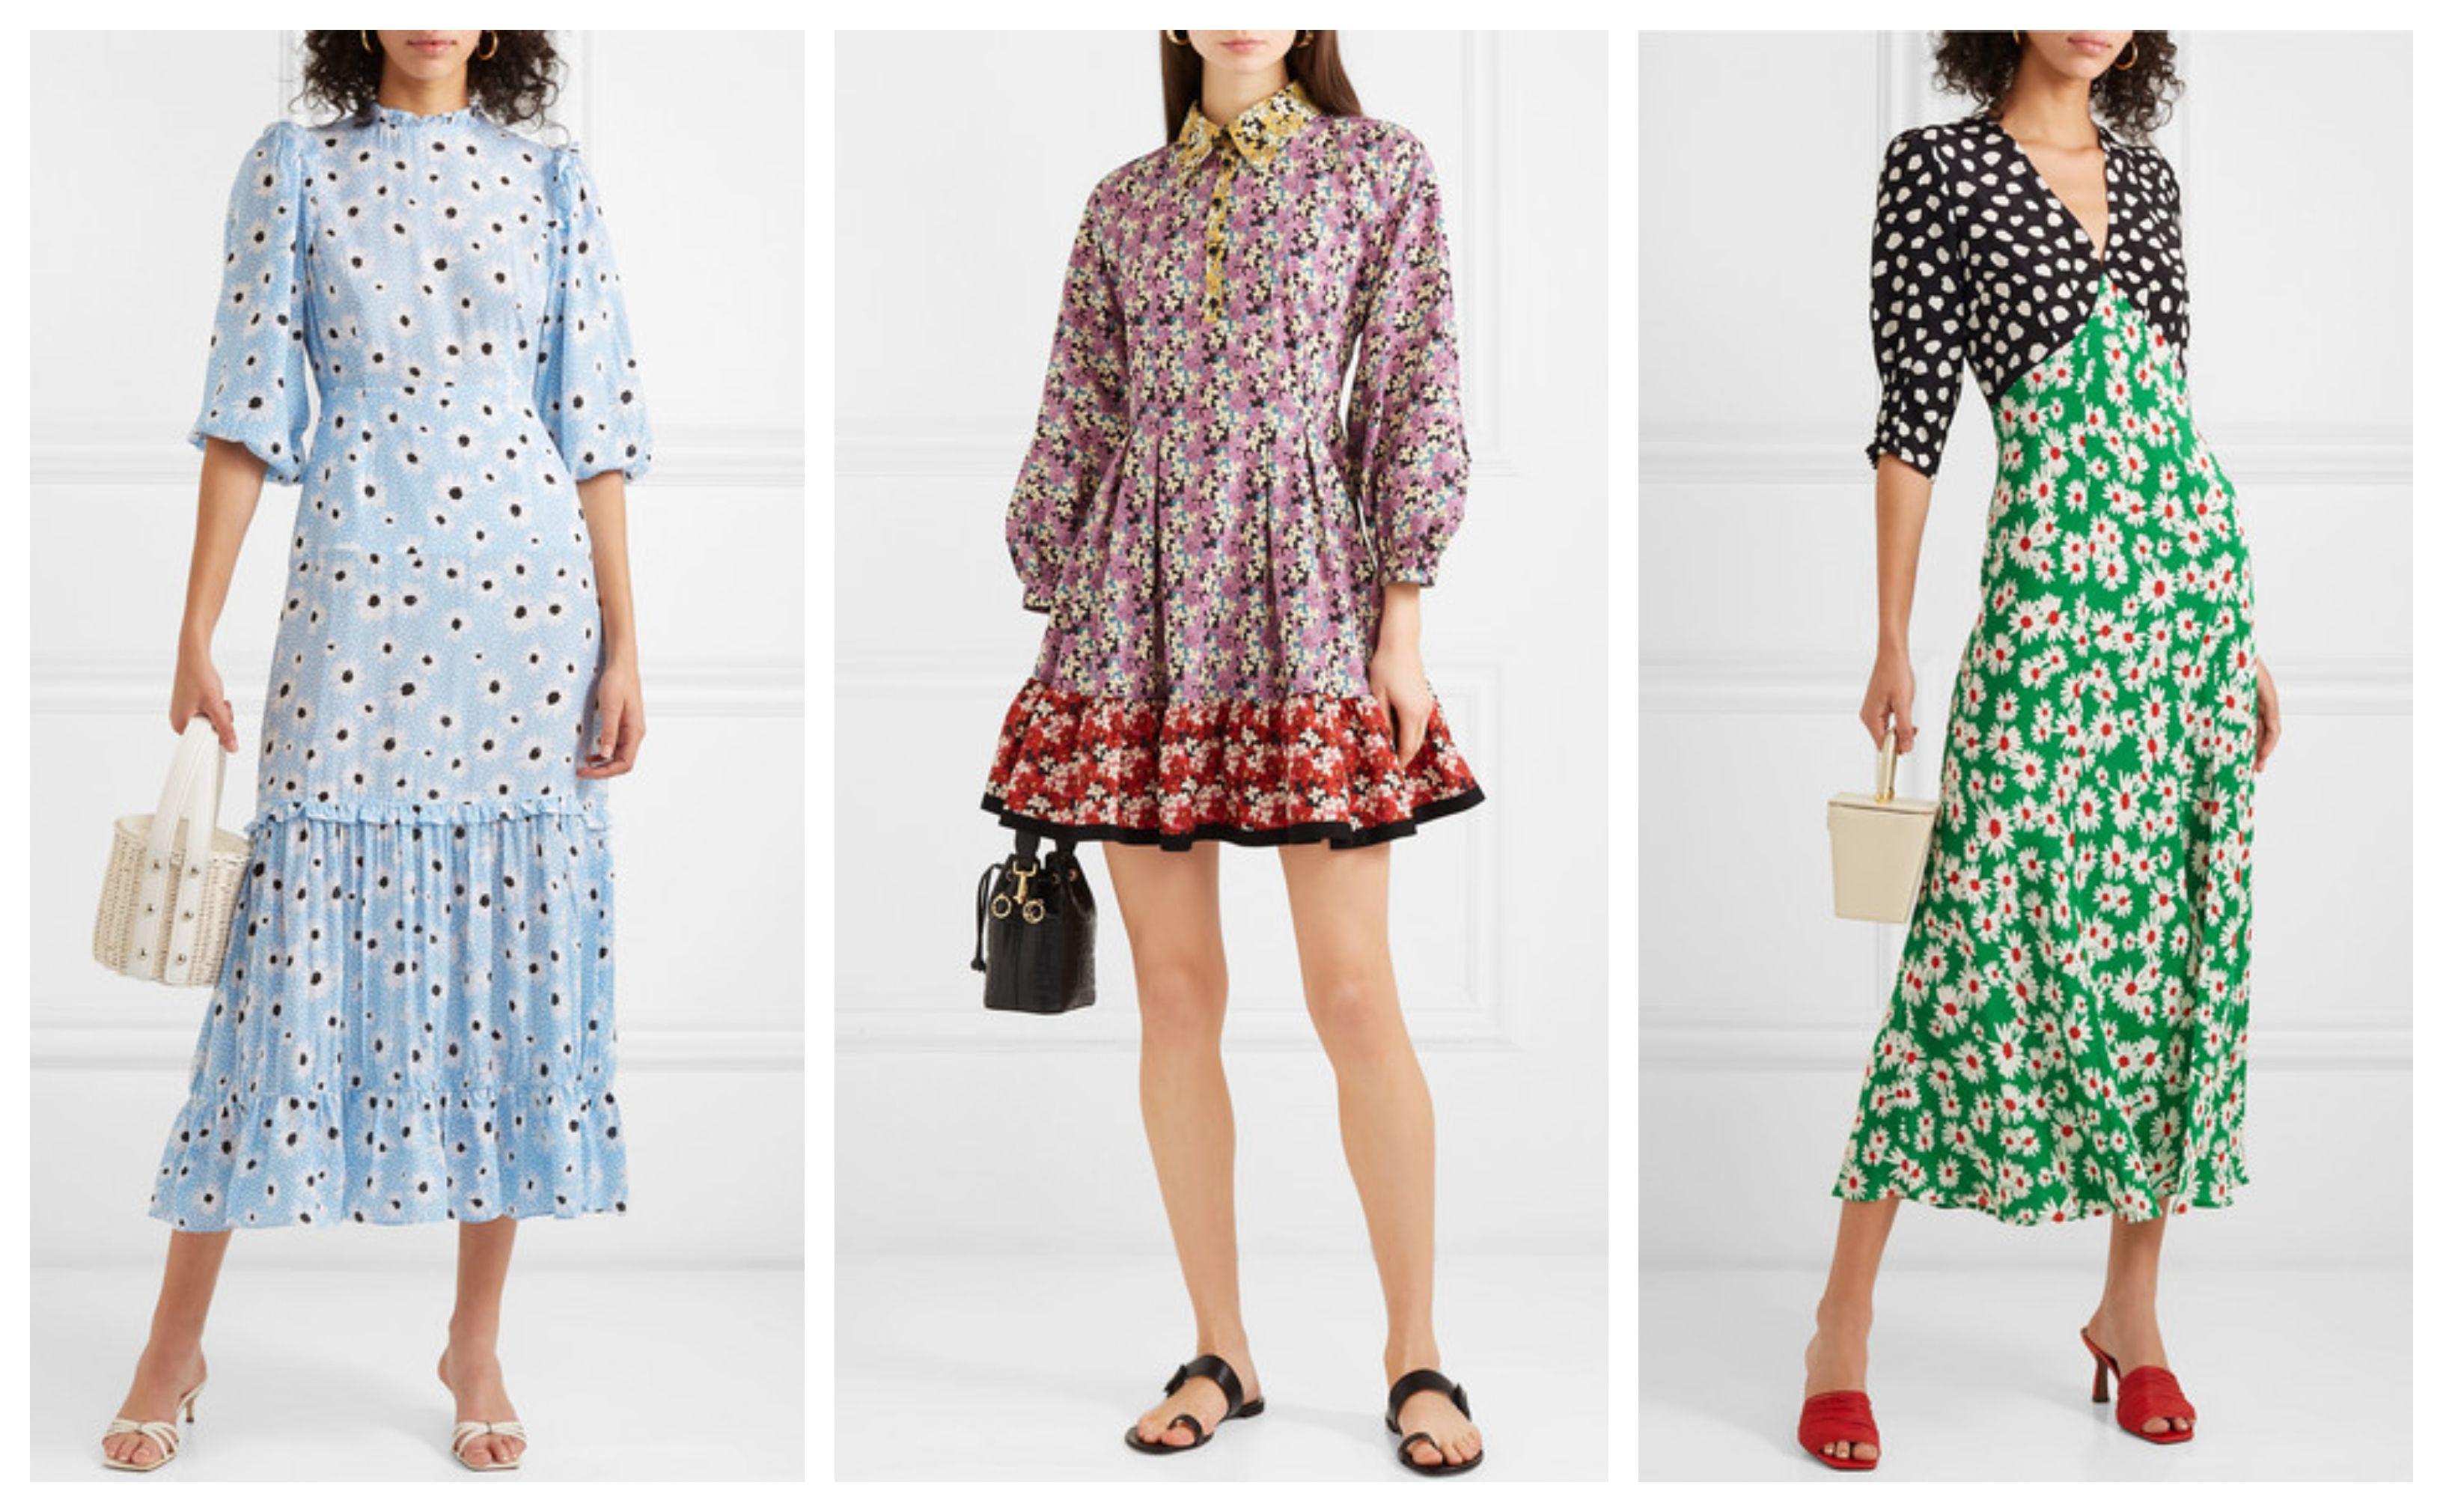 Proljetne haljine iz dizajnerskog svijeta izgledaju fantastično! Ovo su naši favoriti